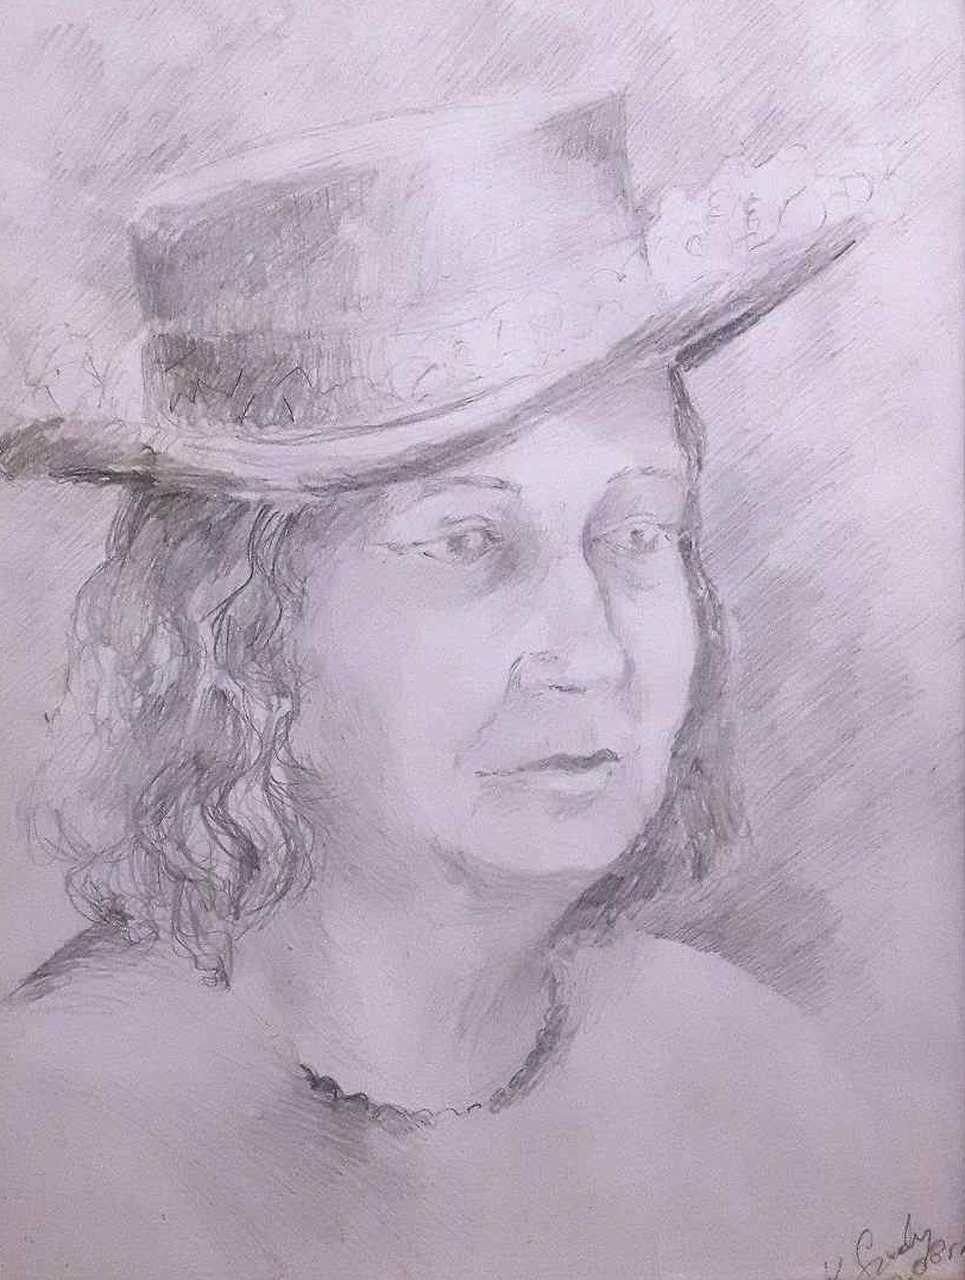 Krystyna-Mirska-Szedny-DAMA-BEZ-MASECZKI-ołówek-39x28